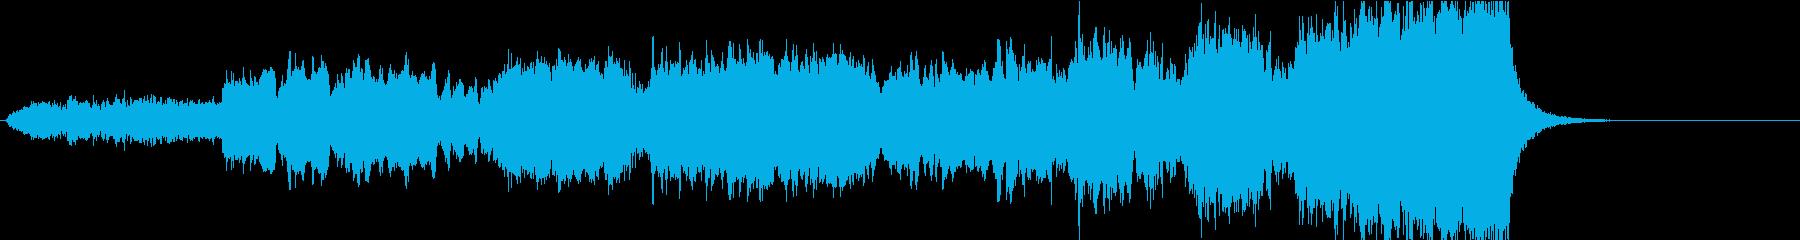 壮大なオーケストラジングルフャンフャーレの再生済みの波形